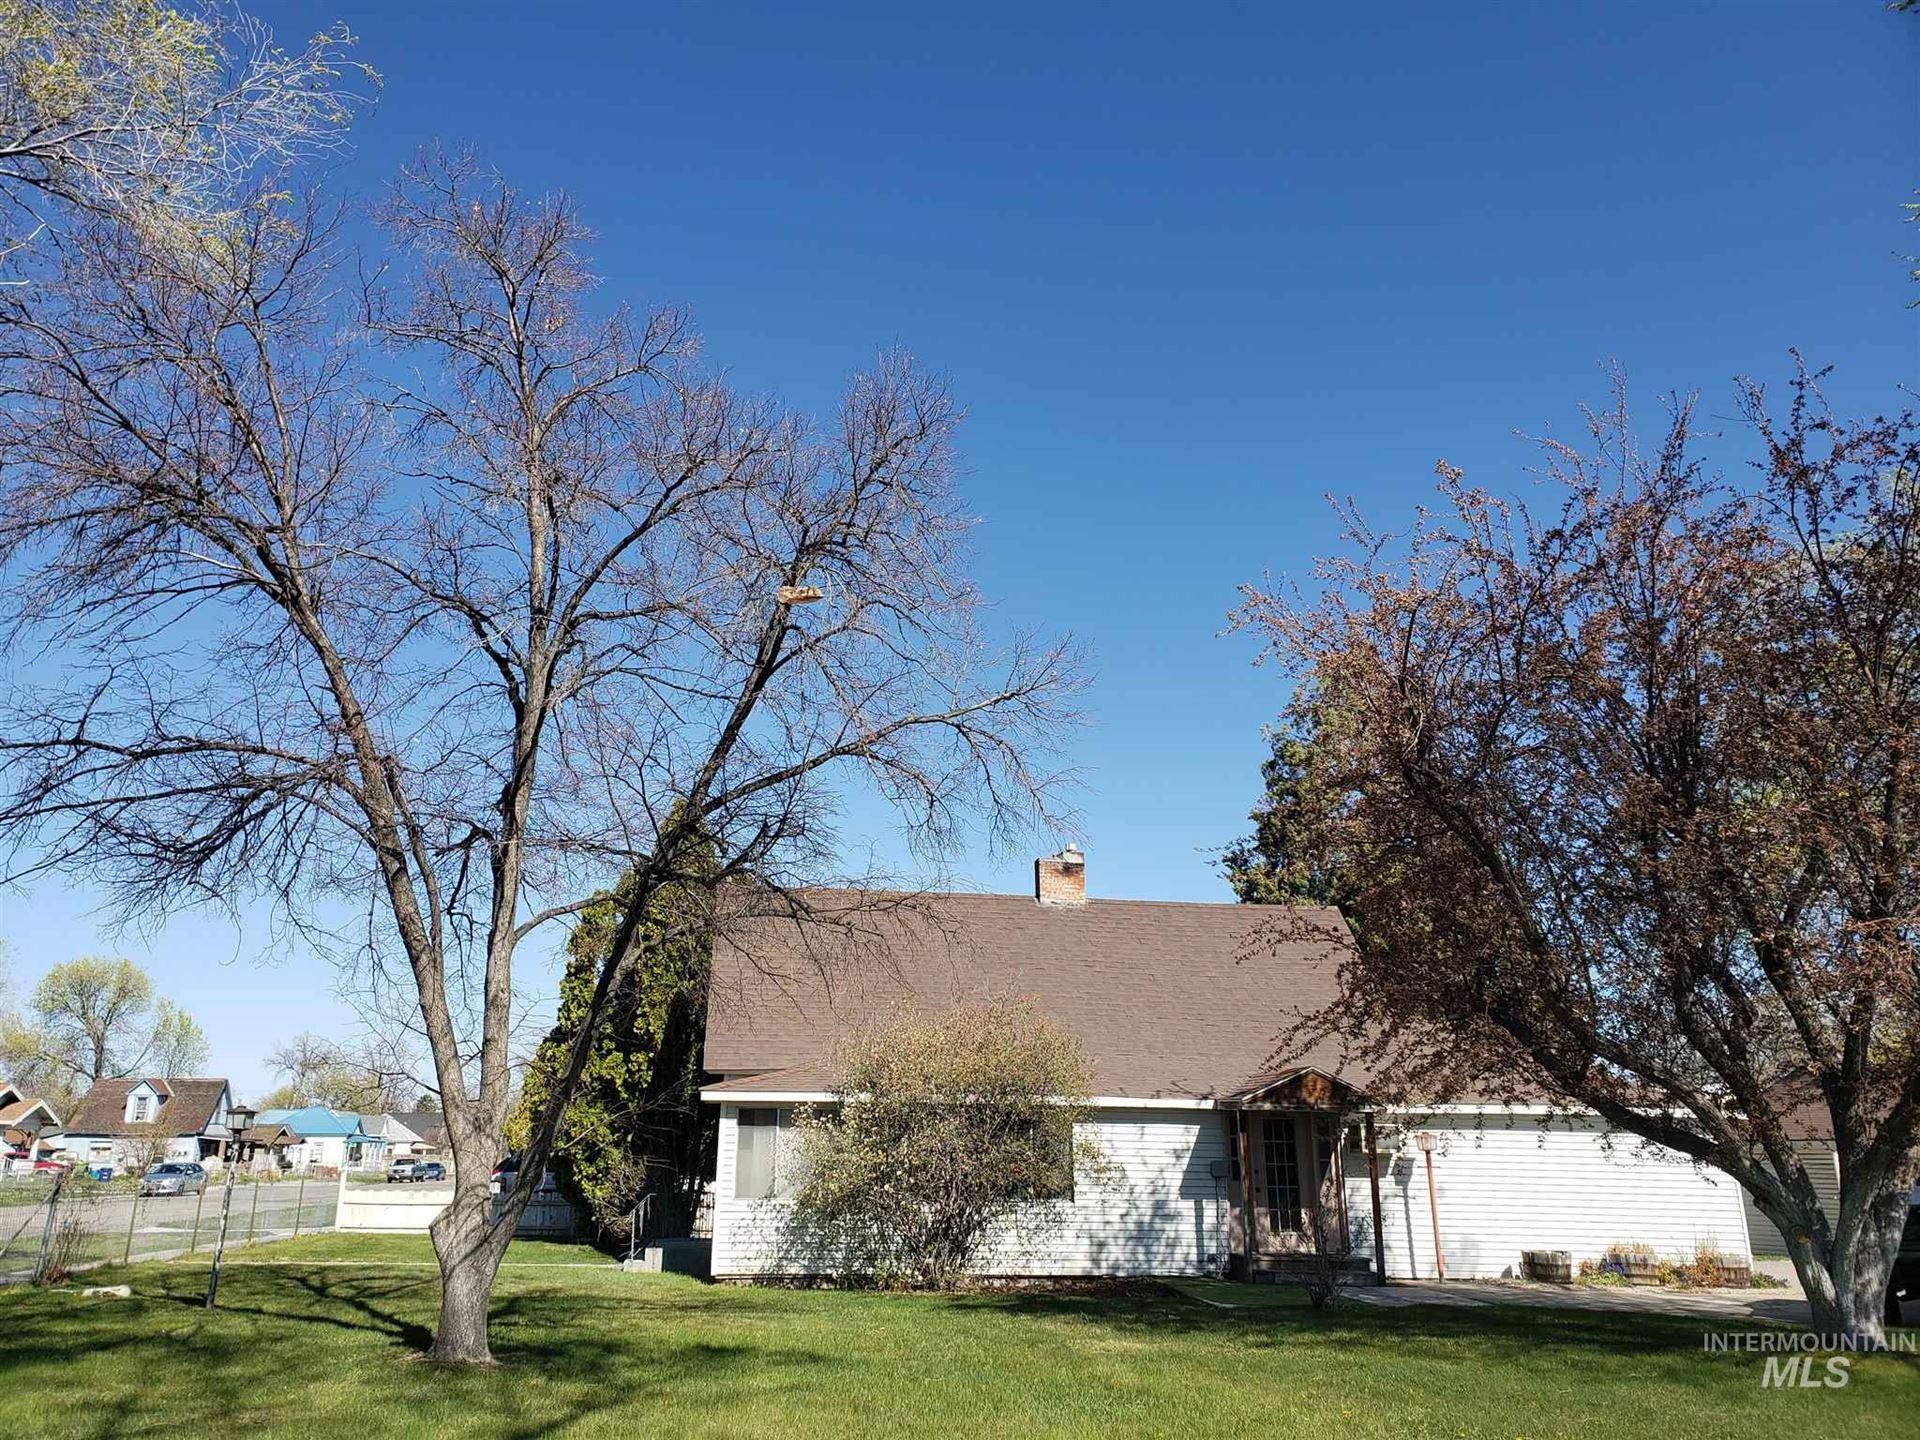 527 Blue Lakes Blvd, Twin Falls, ID 83301-9999 - MLS#: 98800744